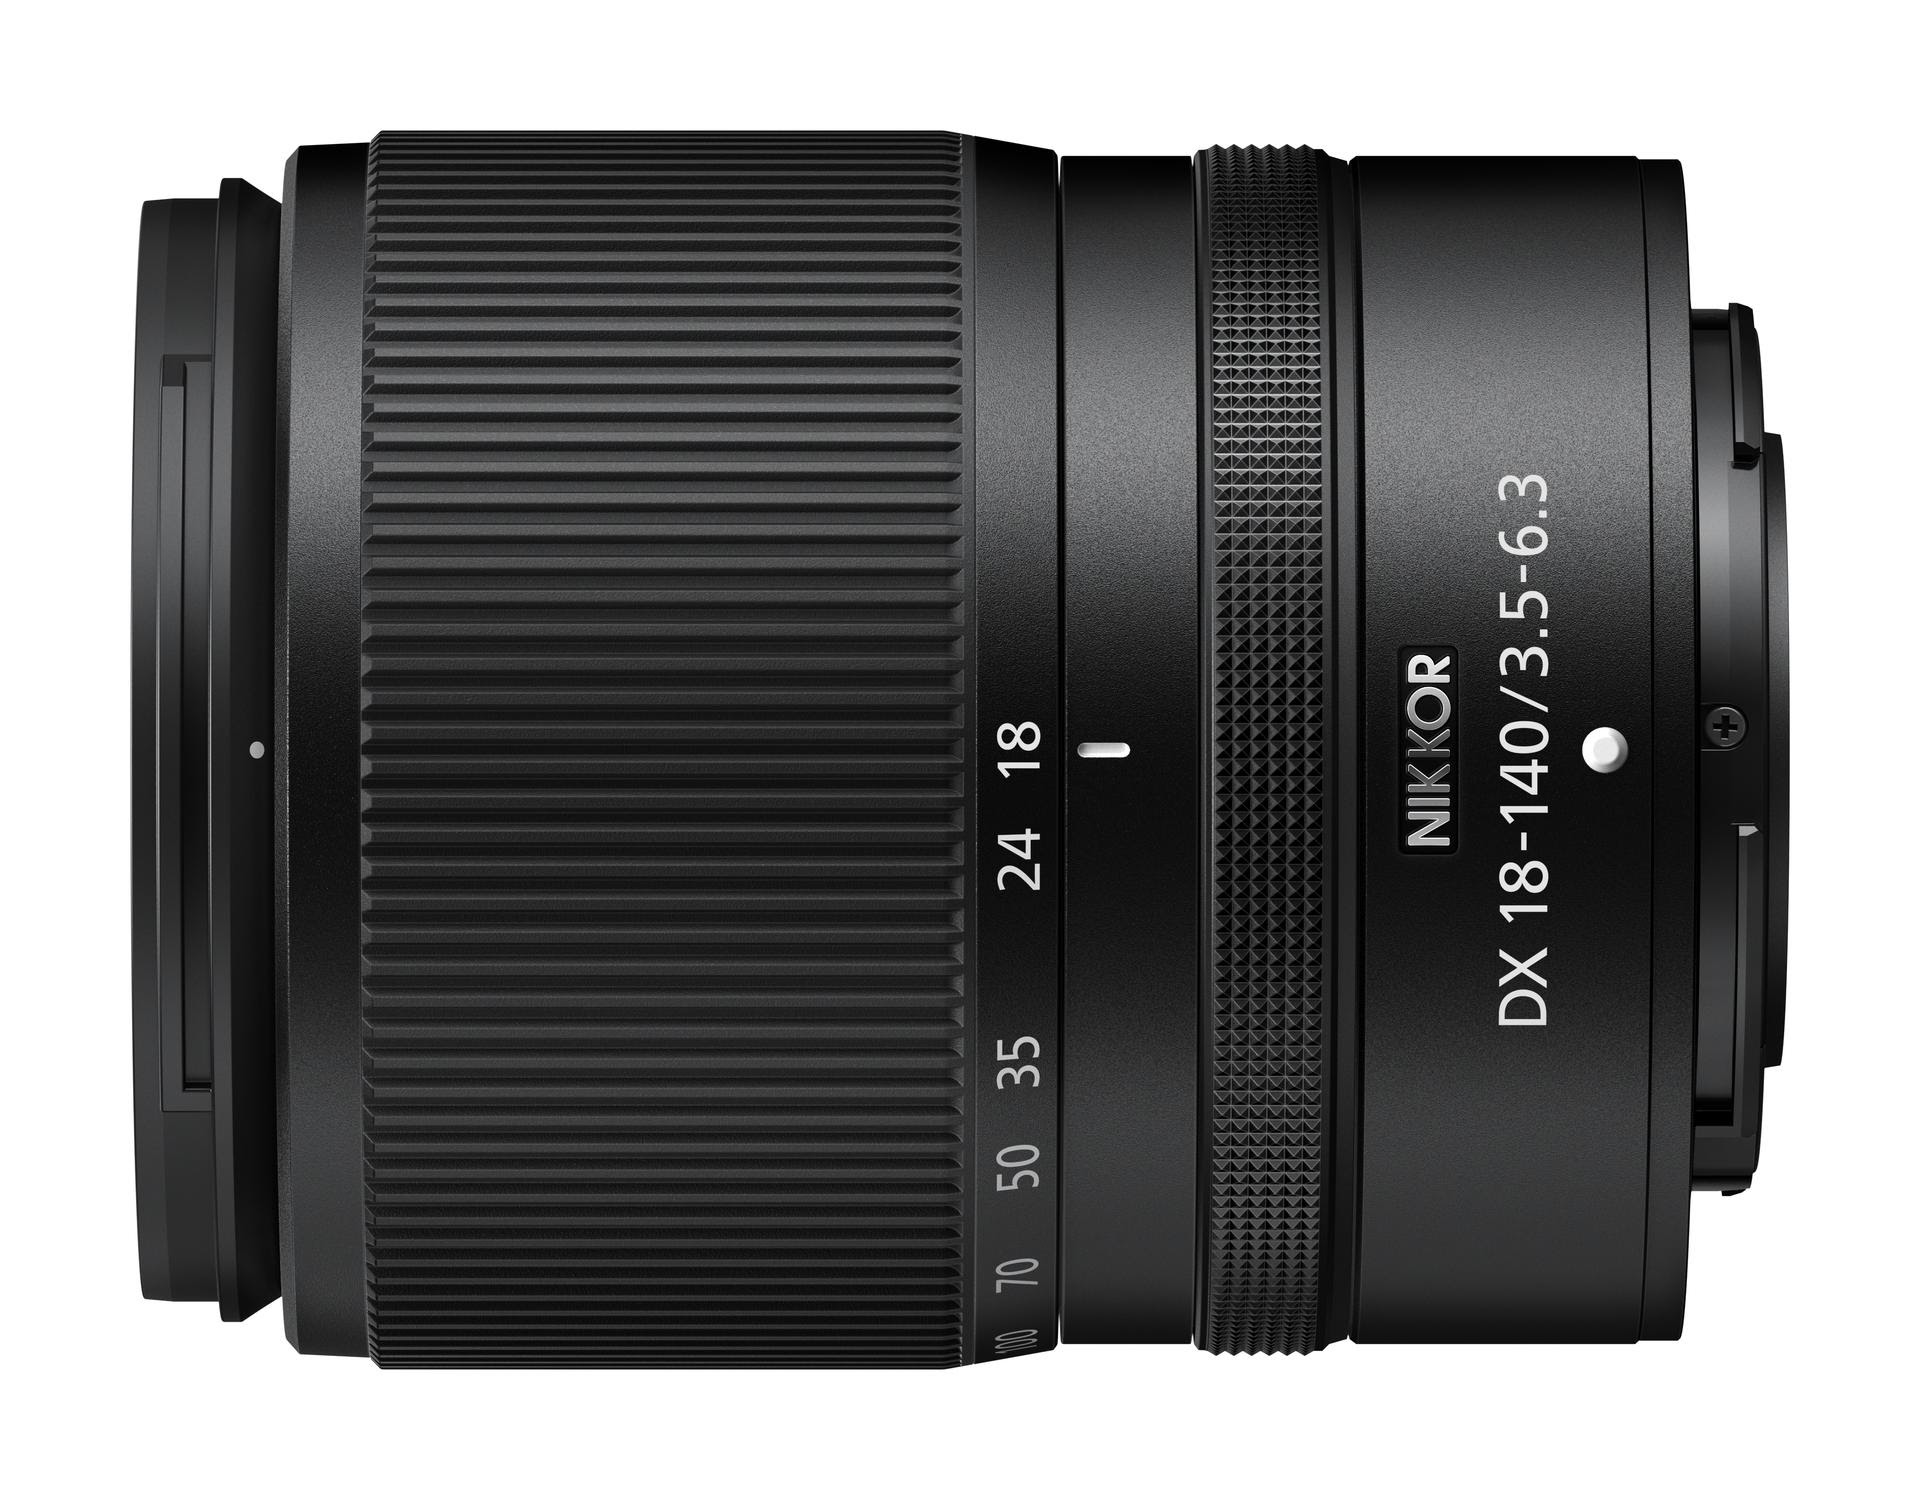 NIKKOR Z DX 18-140mm f3.5-6.3 VR